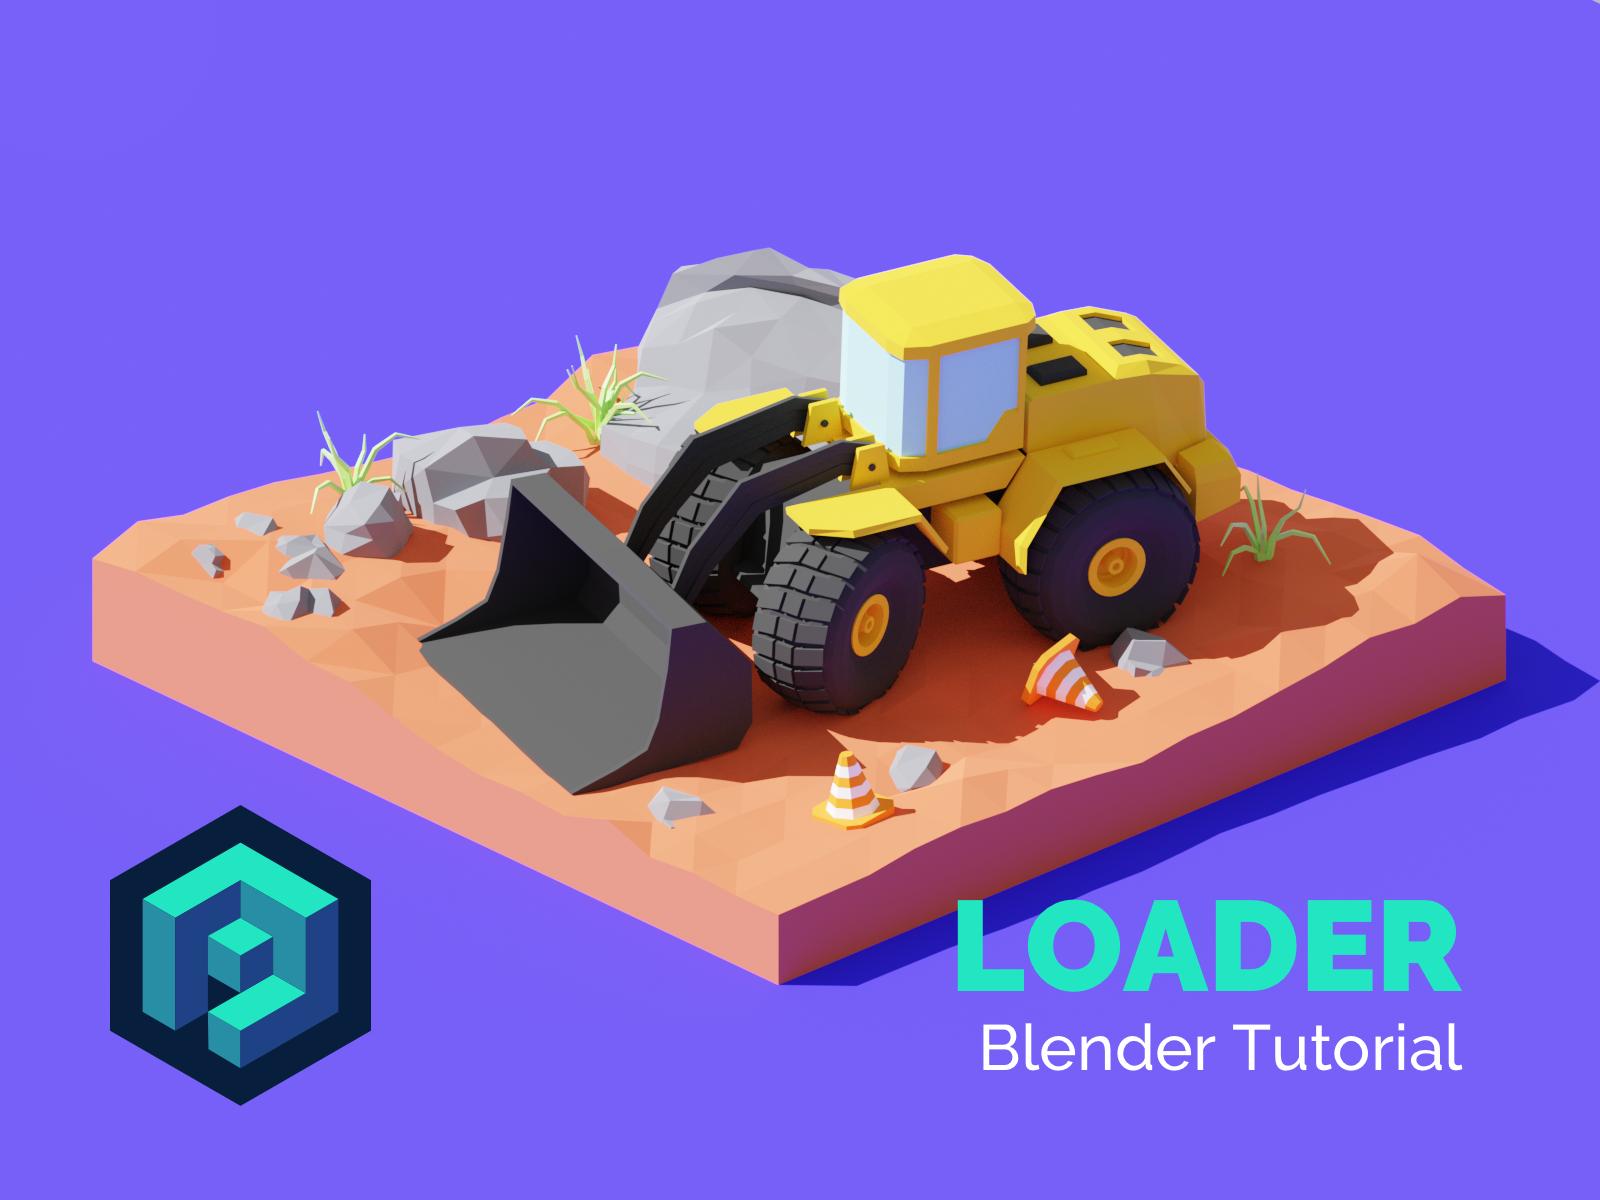 Loader tutorial